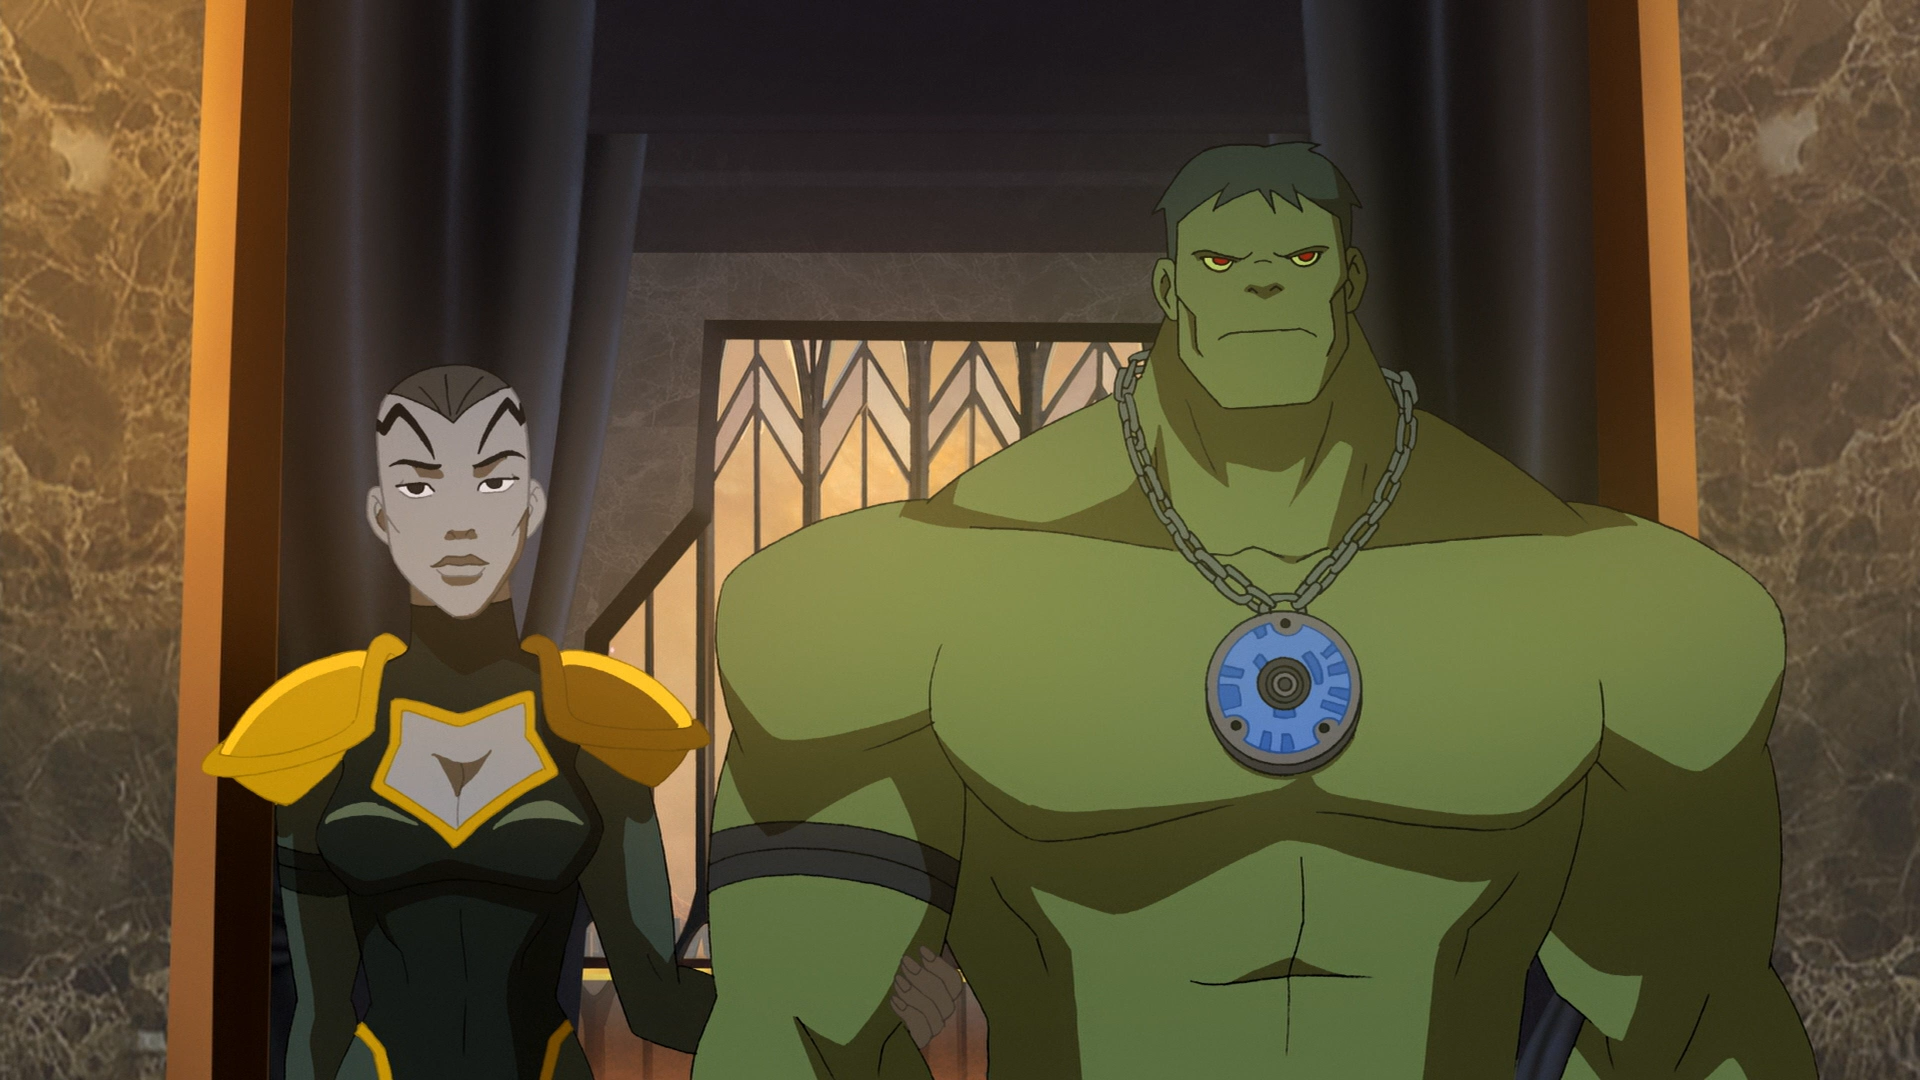 planeta hulk-filme-caiera-hulk